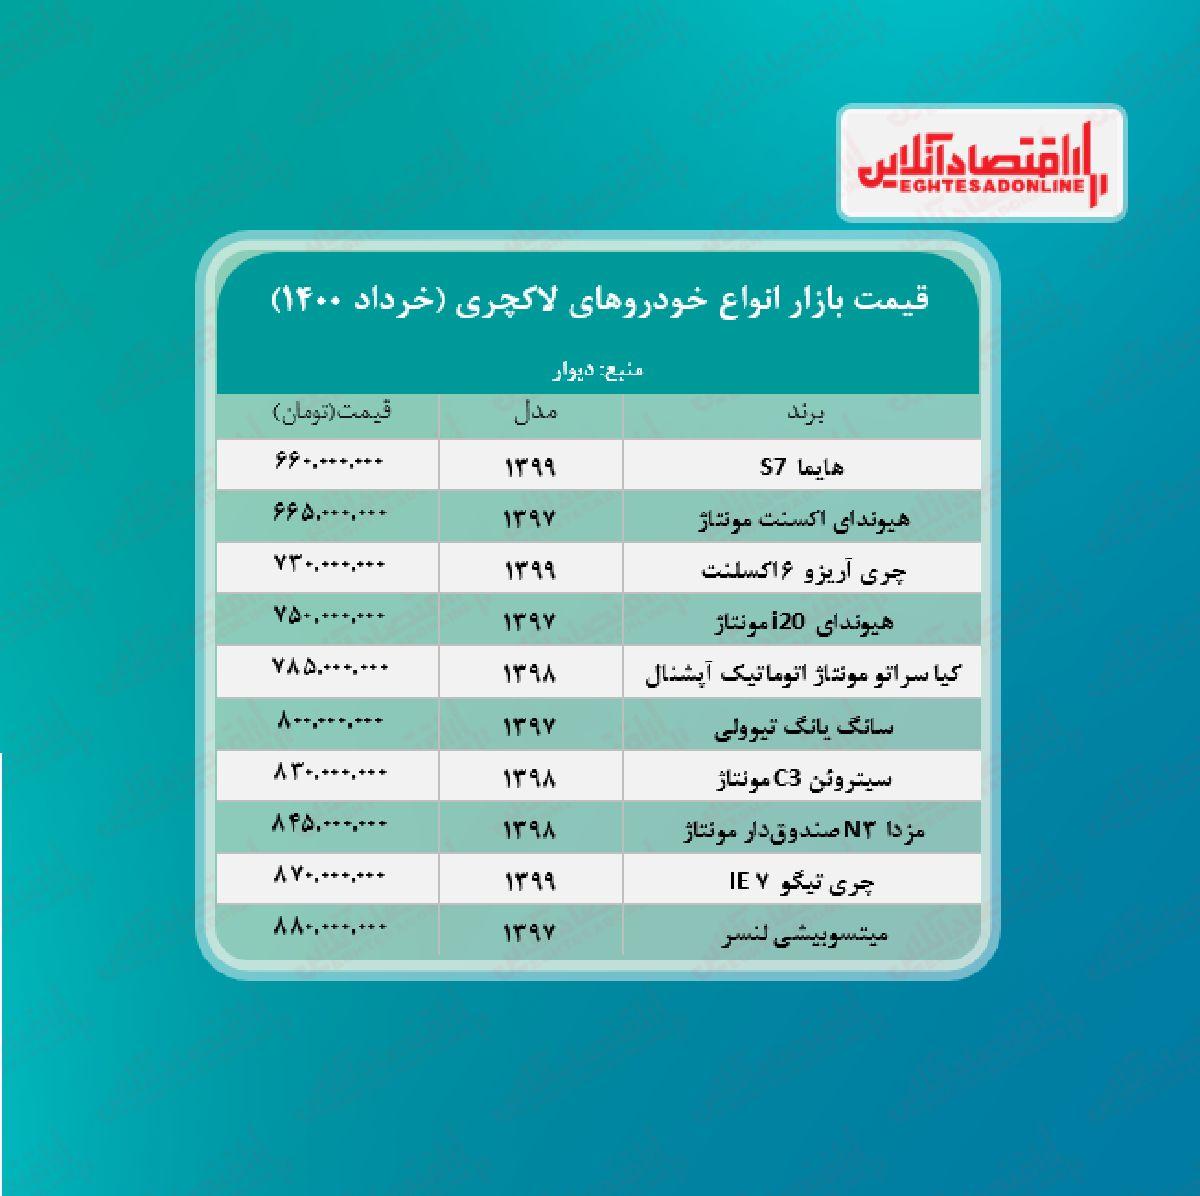 قیمت انواع خودرو لاکچری در تهران + جدول